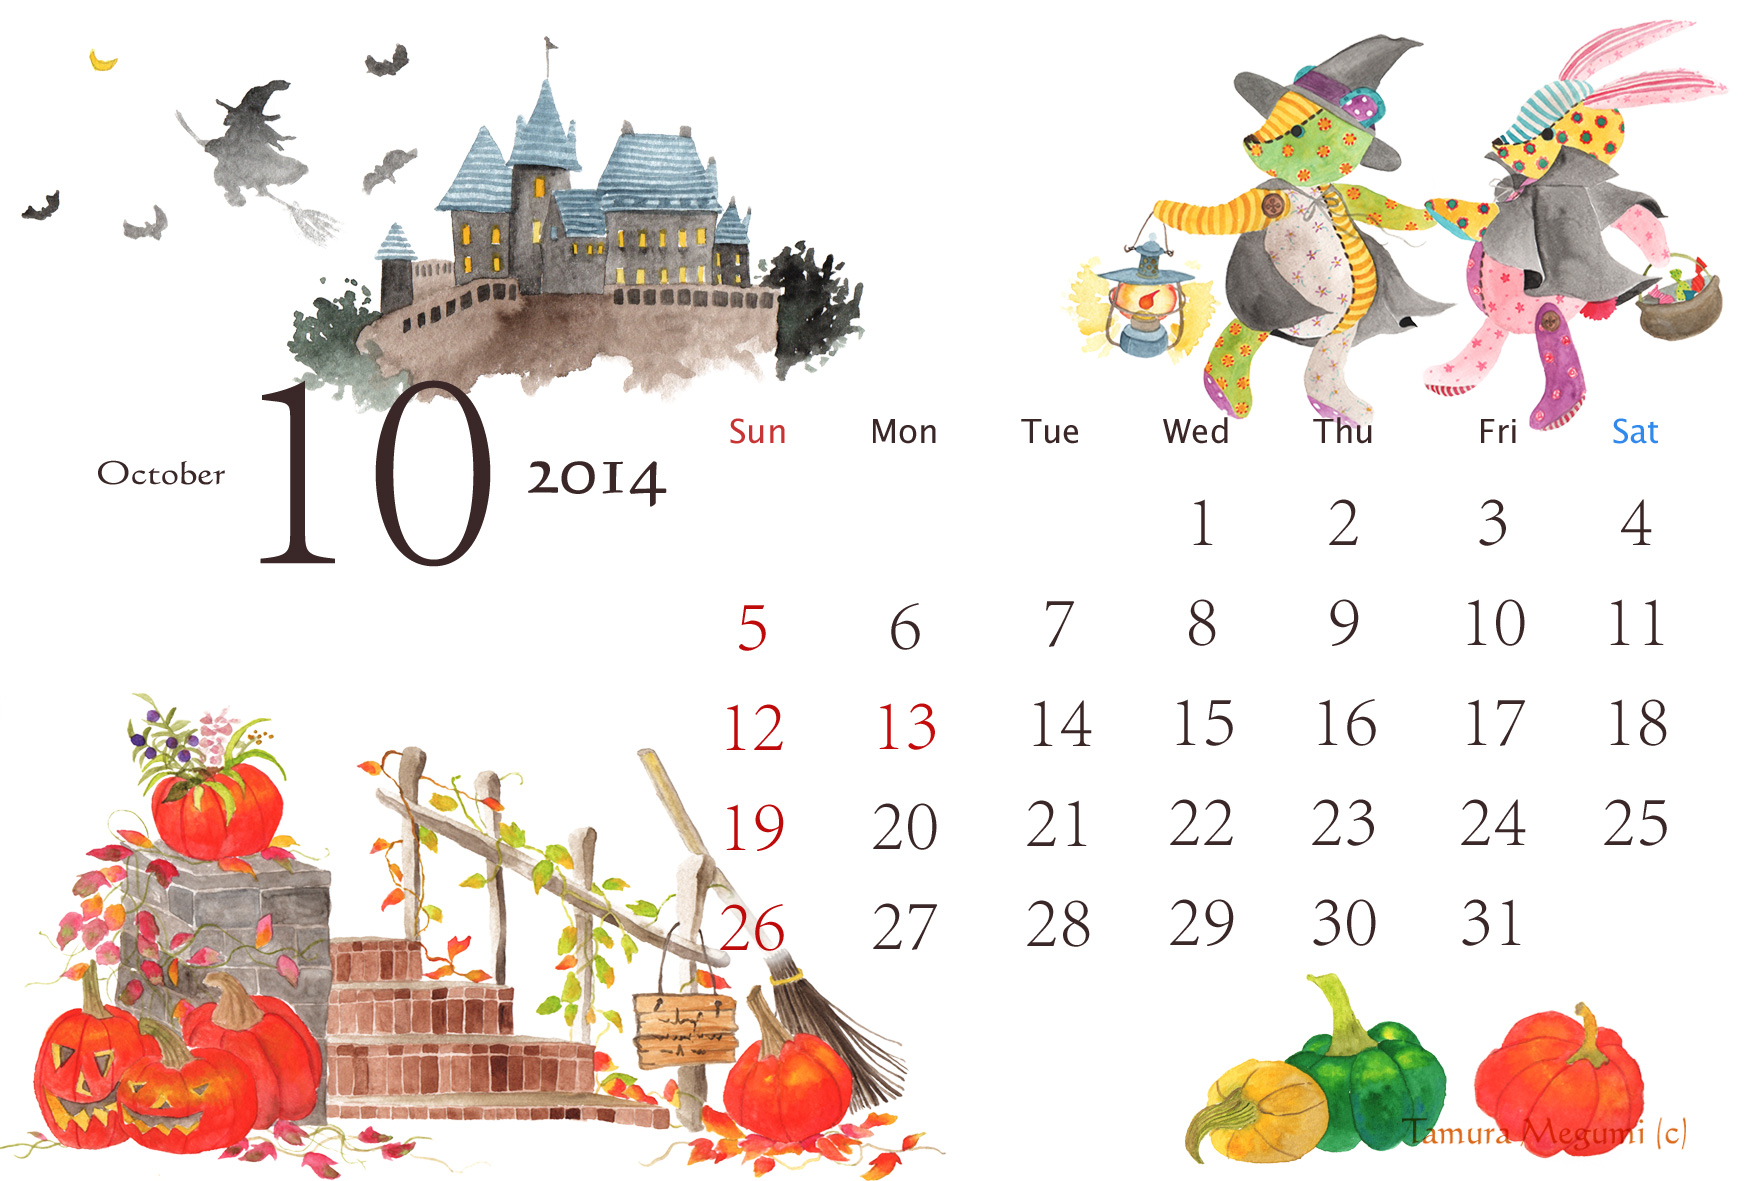 ... カレンダー【A4&ハガキサイズ : カレンダー 201410月 : カレンダー